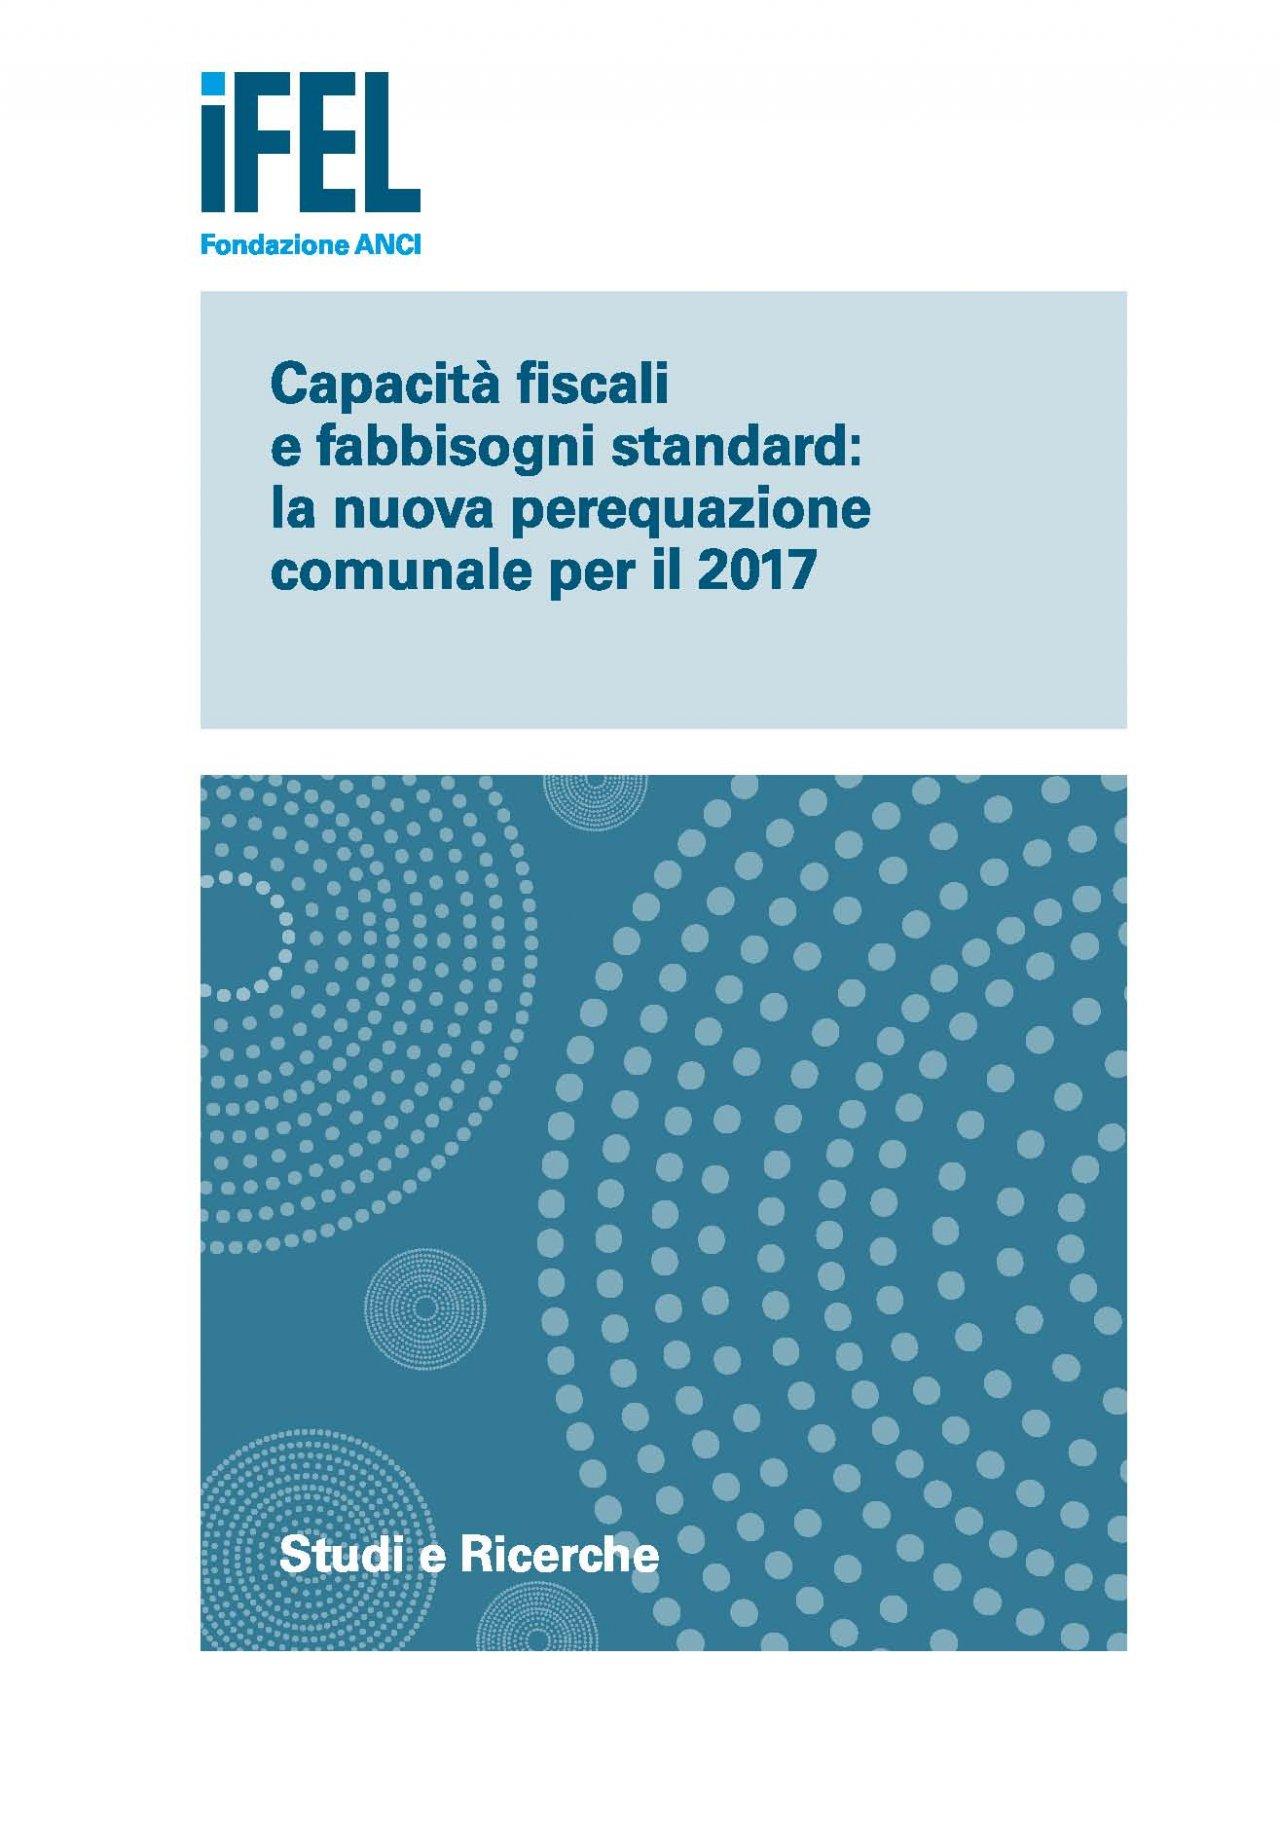 Capacità fiscali e fabbisogni standard: la nuova perequazione comunale per il 2017